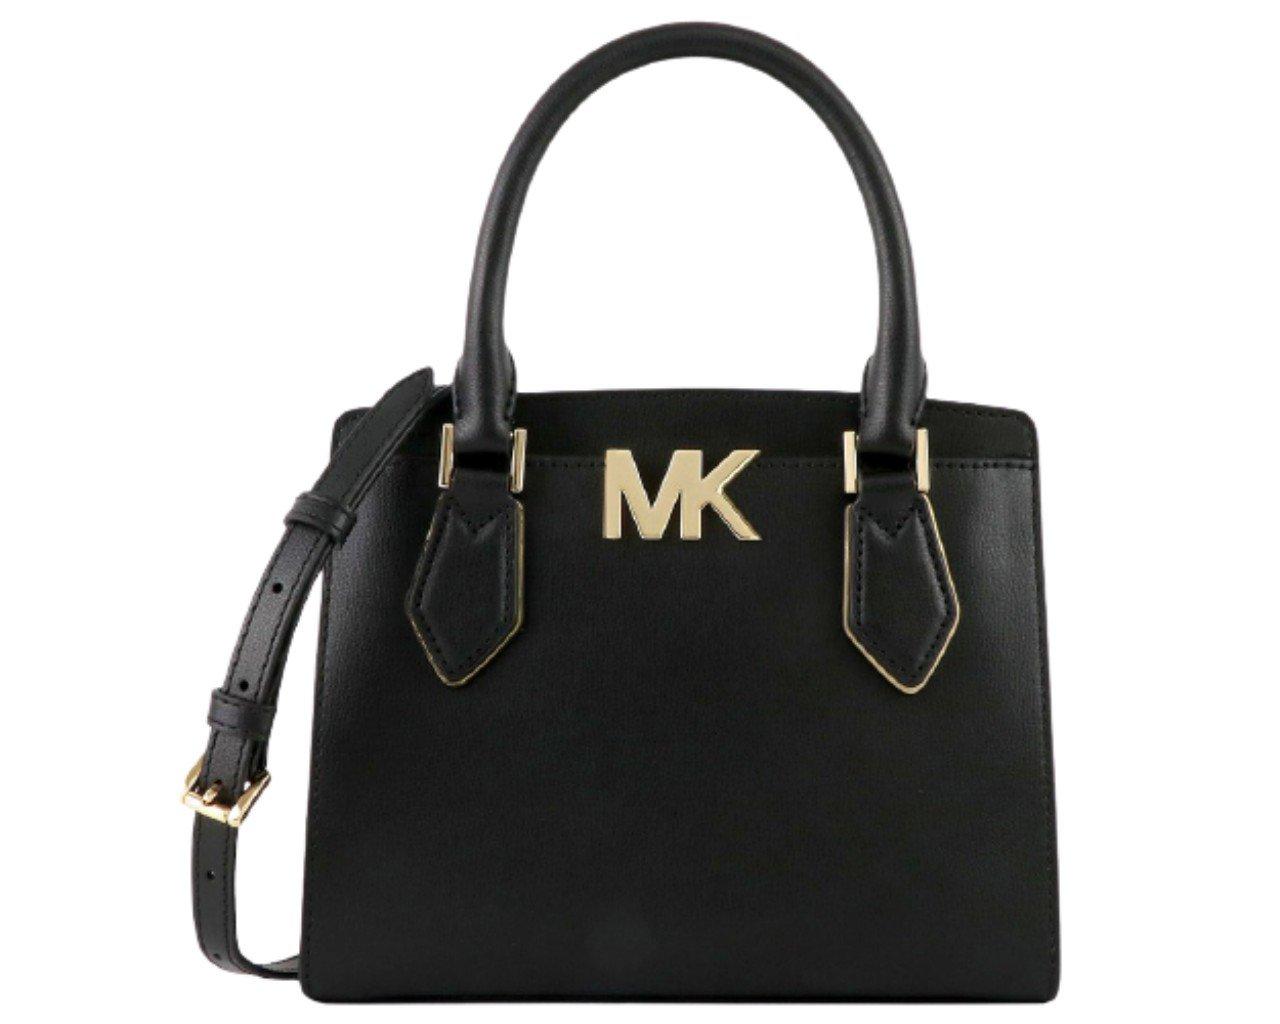 Michael Kors Women's Mott Crossbody Bag Black MK27553